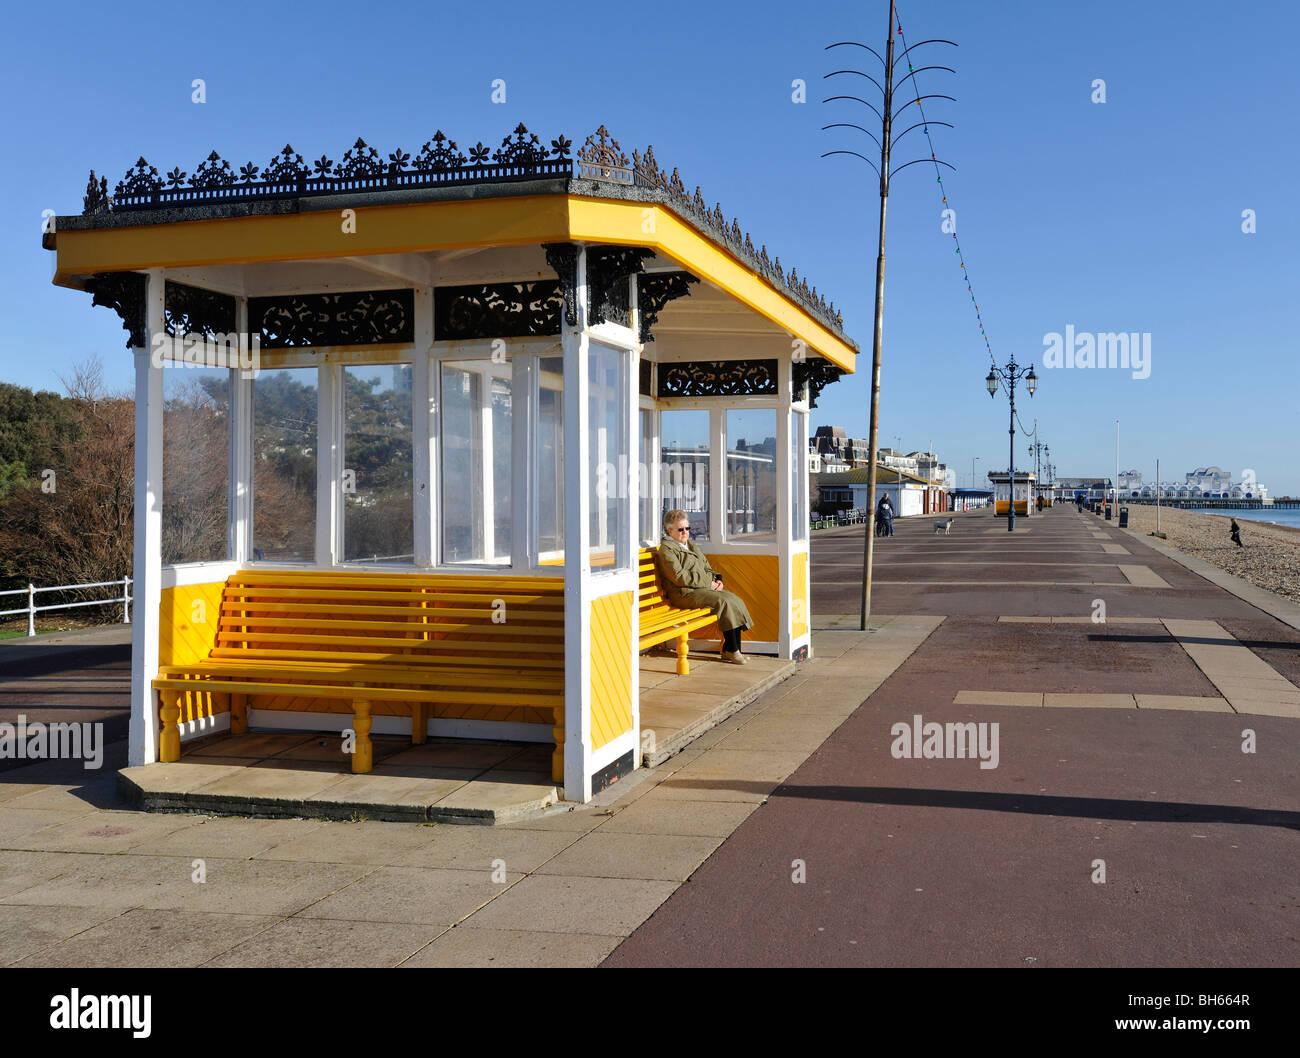 Promenade shelter, Southsea Seafront, Portsmouth, Hampshire, England, Uk. Stock Photo